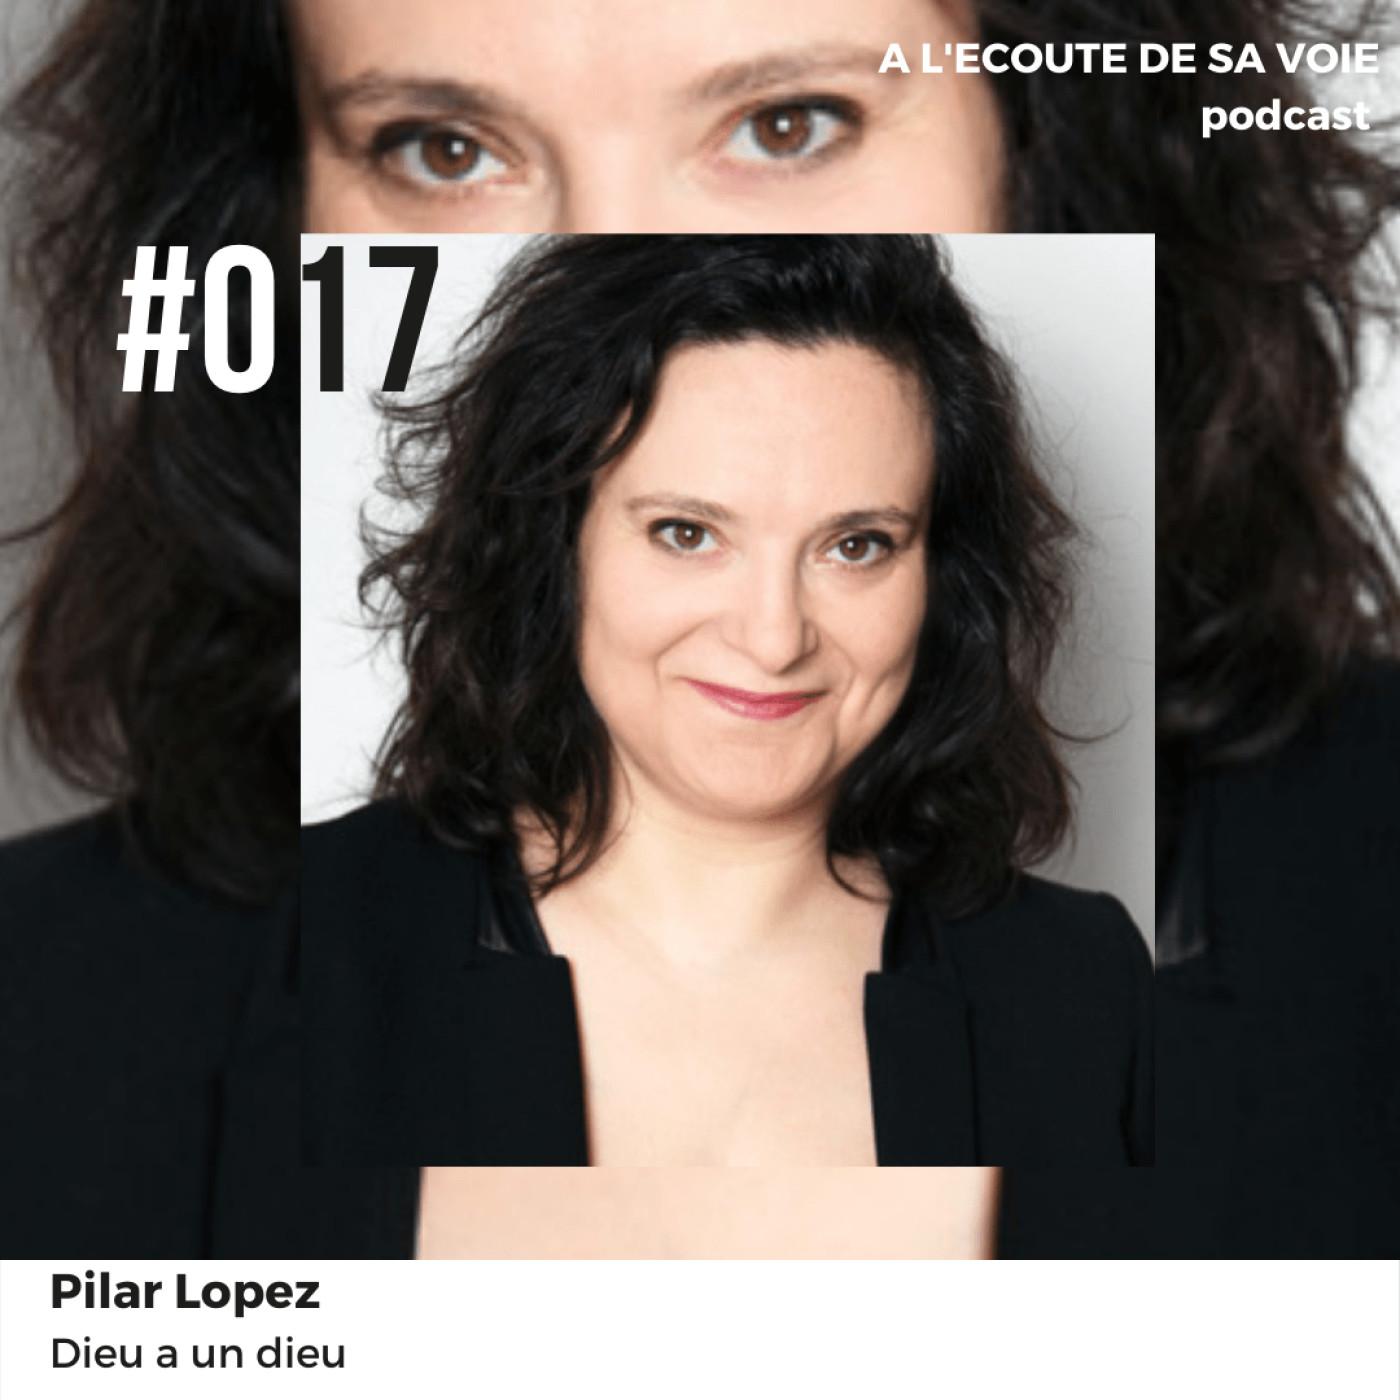 #017 Pilar Lopez - Dieu a un dieu